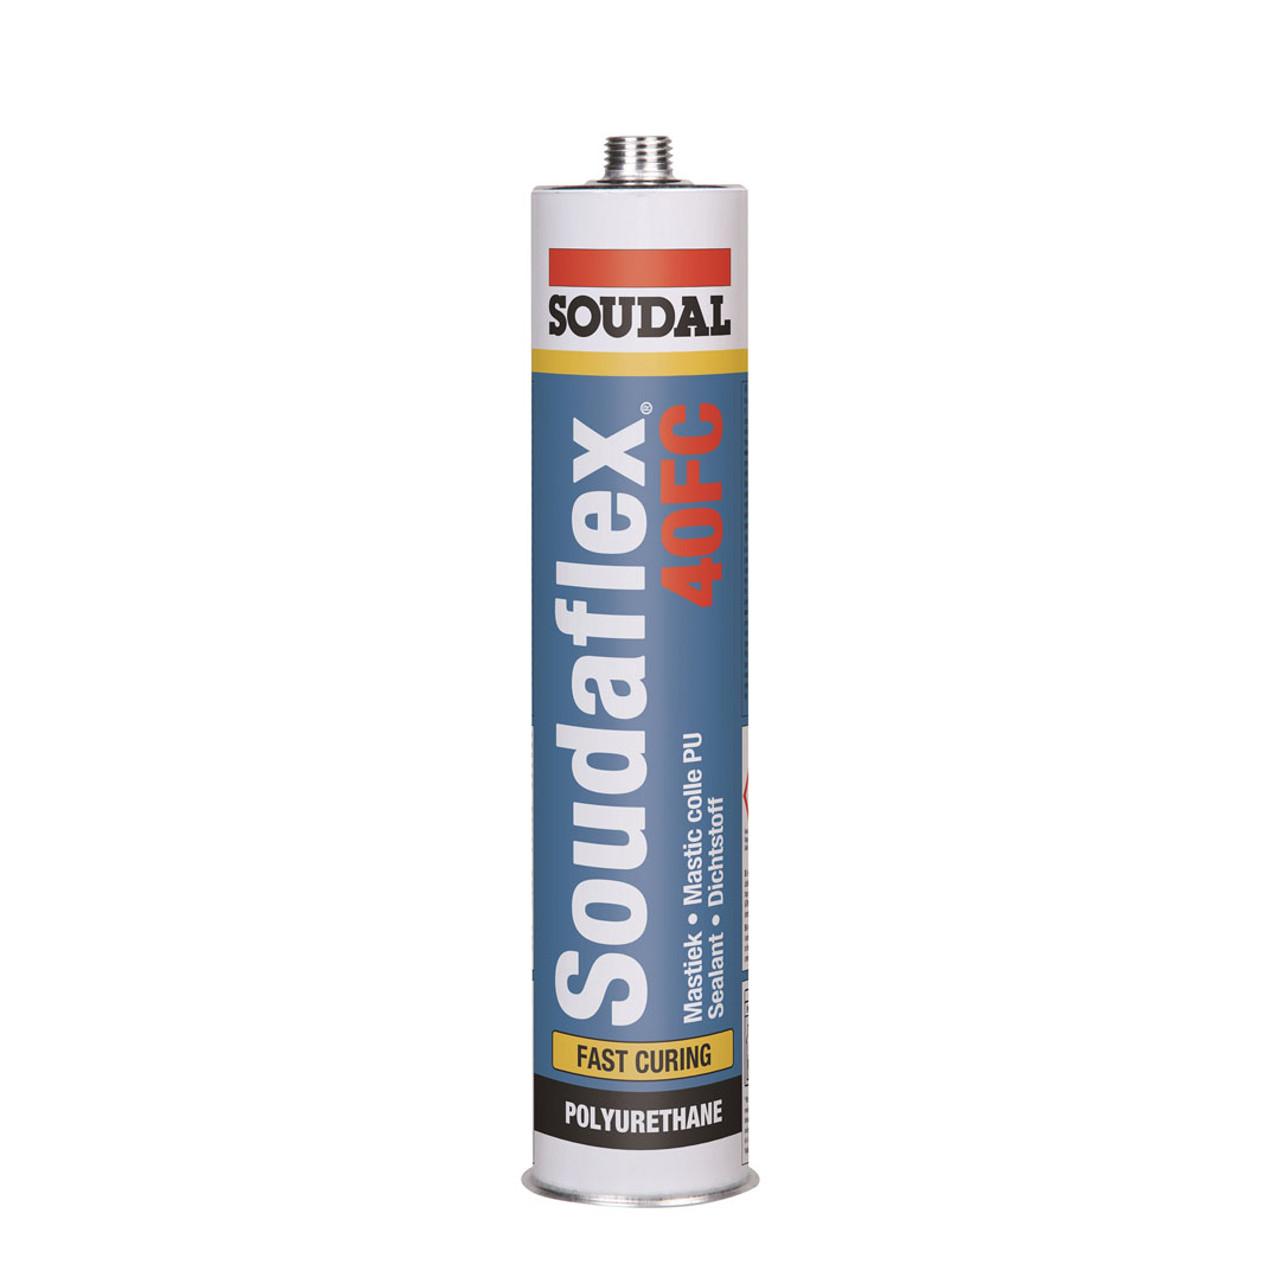 Soudal Soudaflex 40 FC 600ml - Black